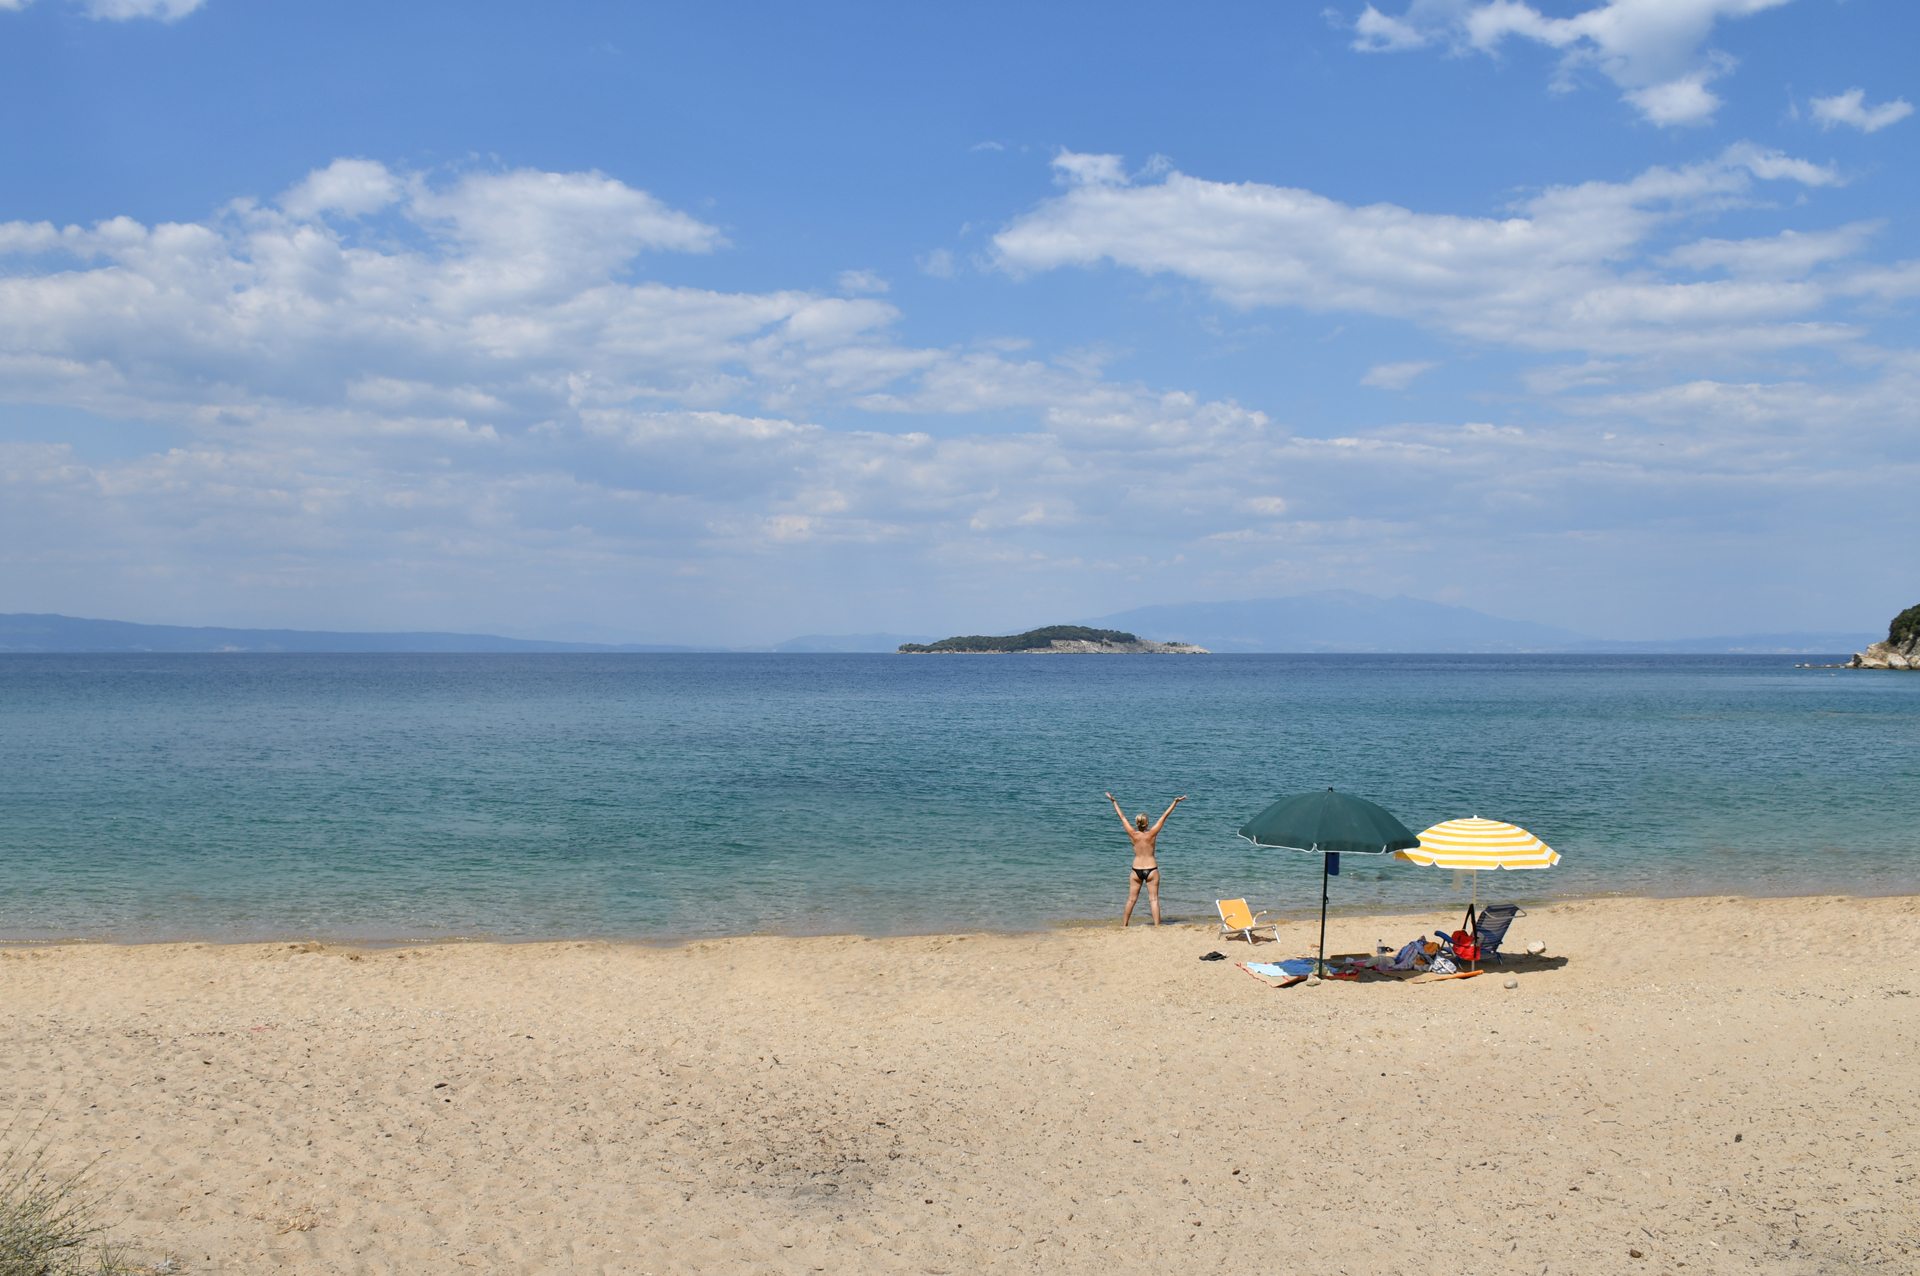 חופים הם לפעמים - זורבה - יואל שתרוג - אדמה יוצרת - yoel sitruk